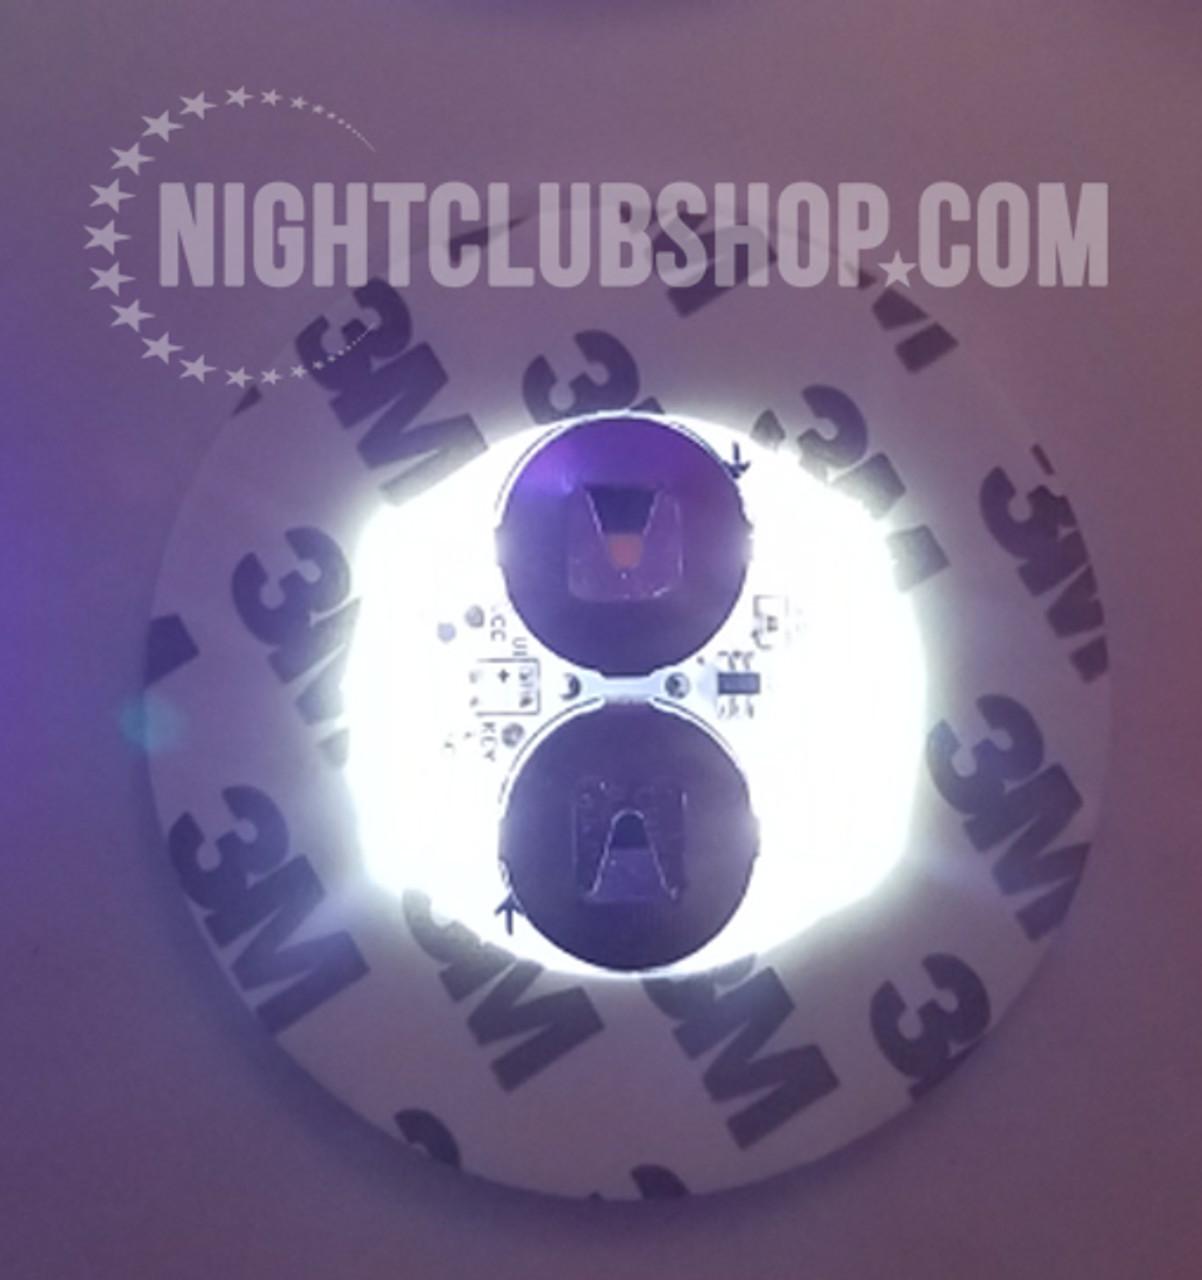 LED Bottle Glow, LED, Bottle, Bright, Light, illuminate, Glorifier, make bottle, light up, glowing, liquor, Belvedere,White, White LED, White Glow, Illiminated